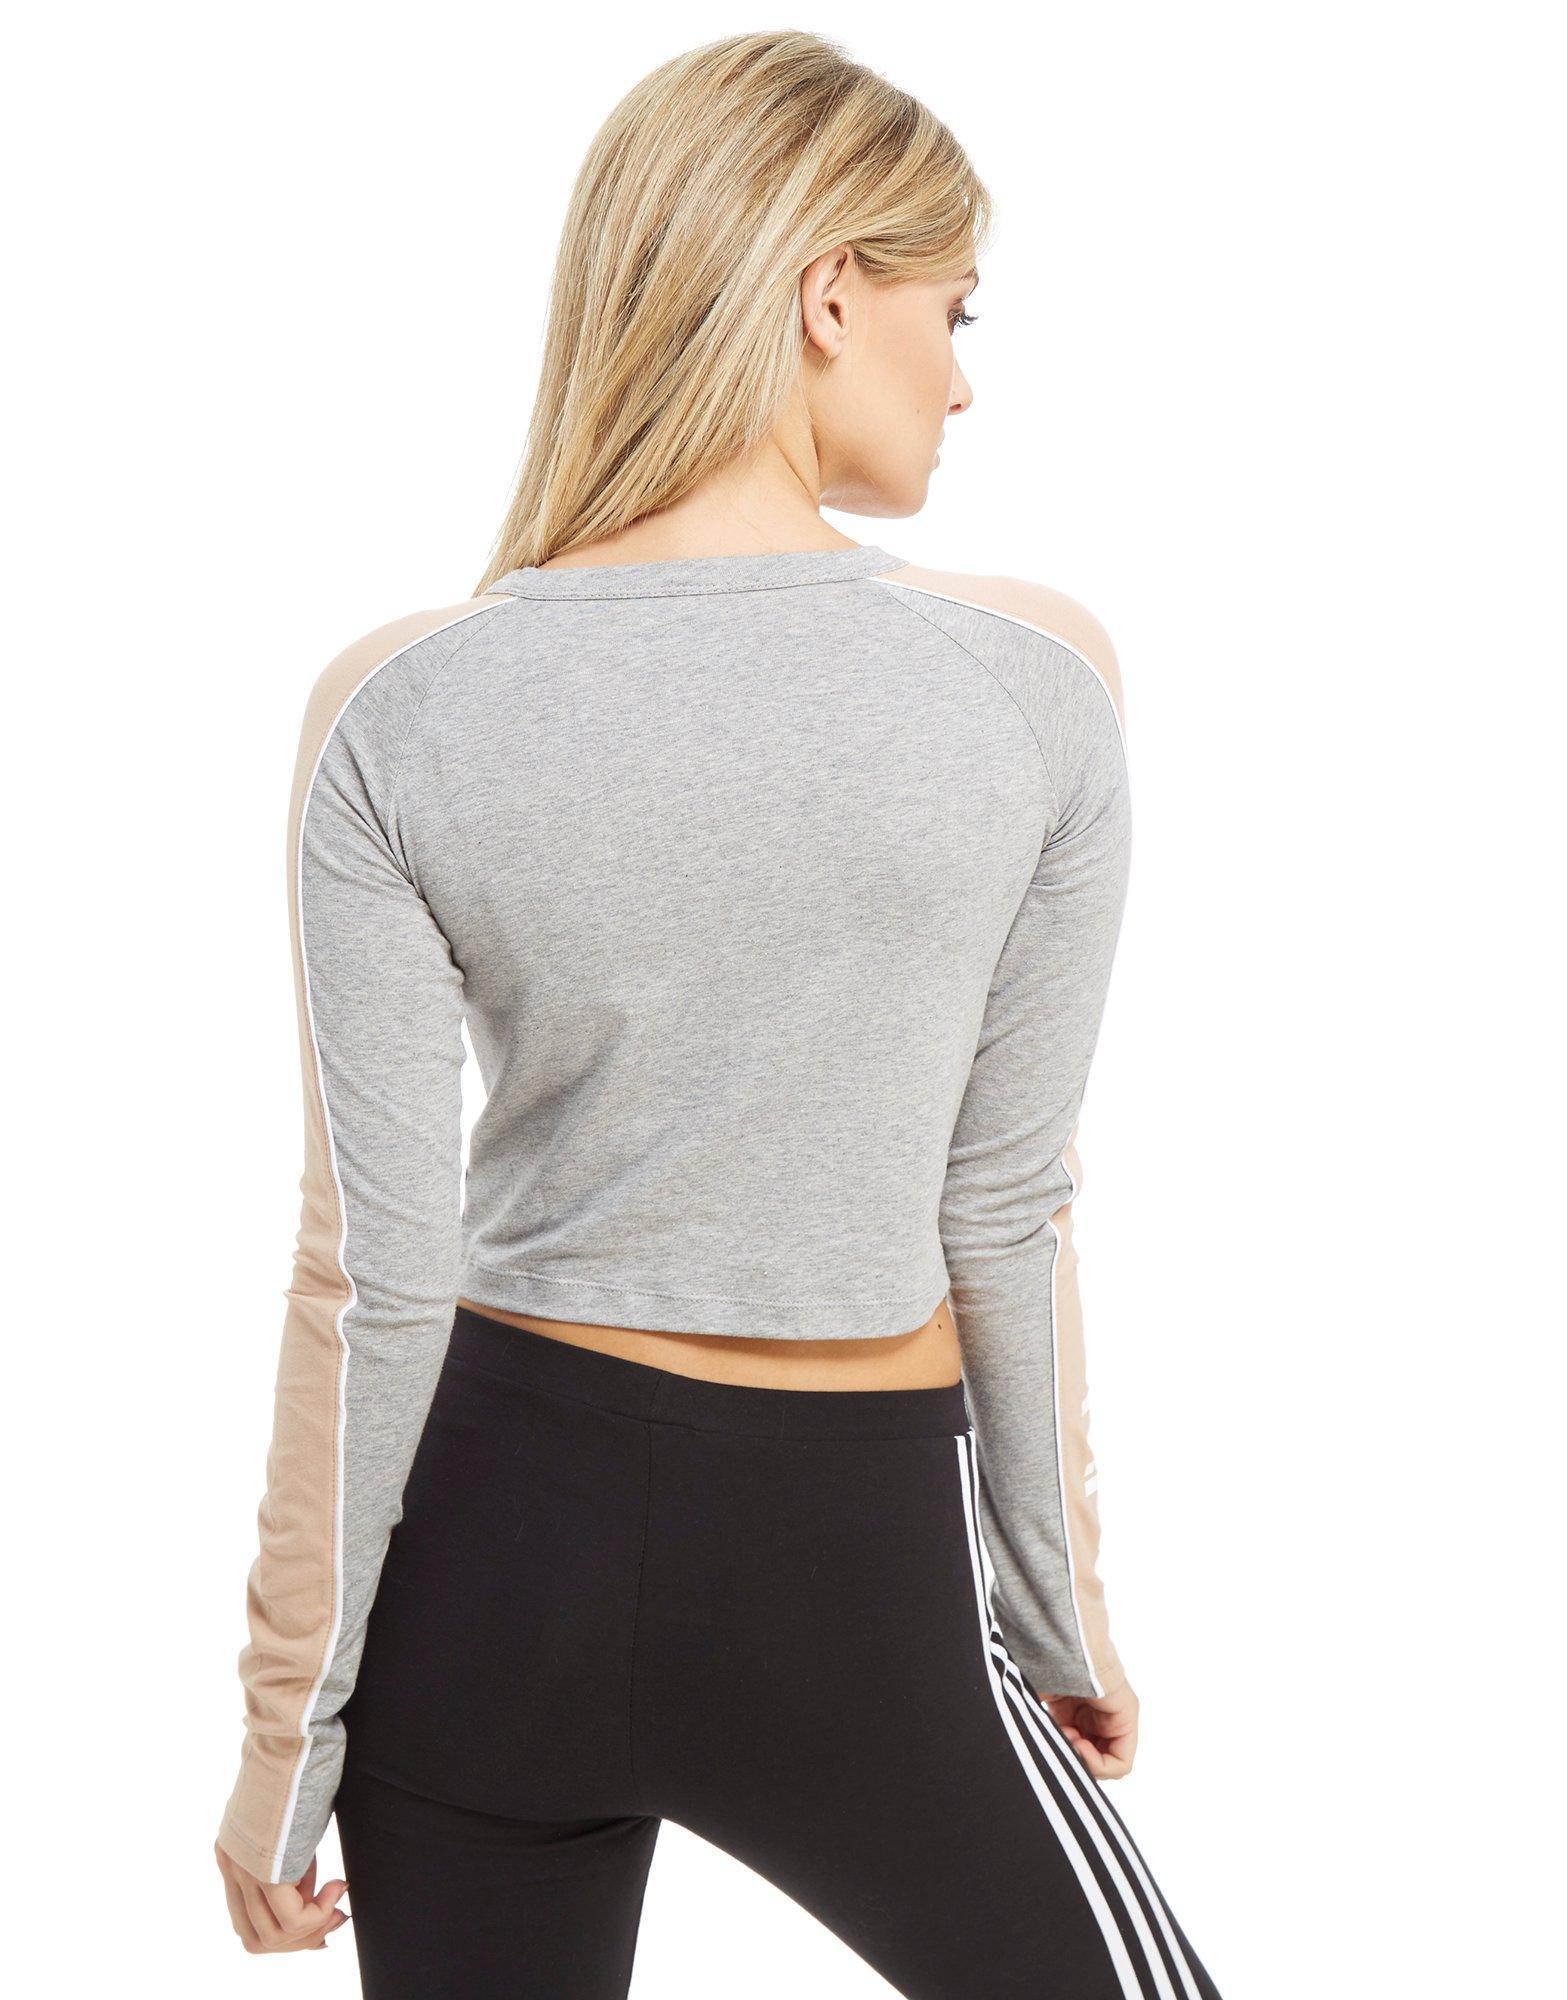 Adidas Lyst Originals Linear Long Sleeve Crop camiseta Adidas en Gray 15628 Lyst 0a0380a - rspr.host